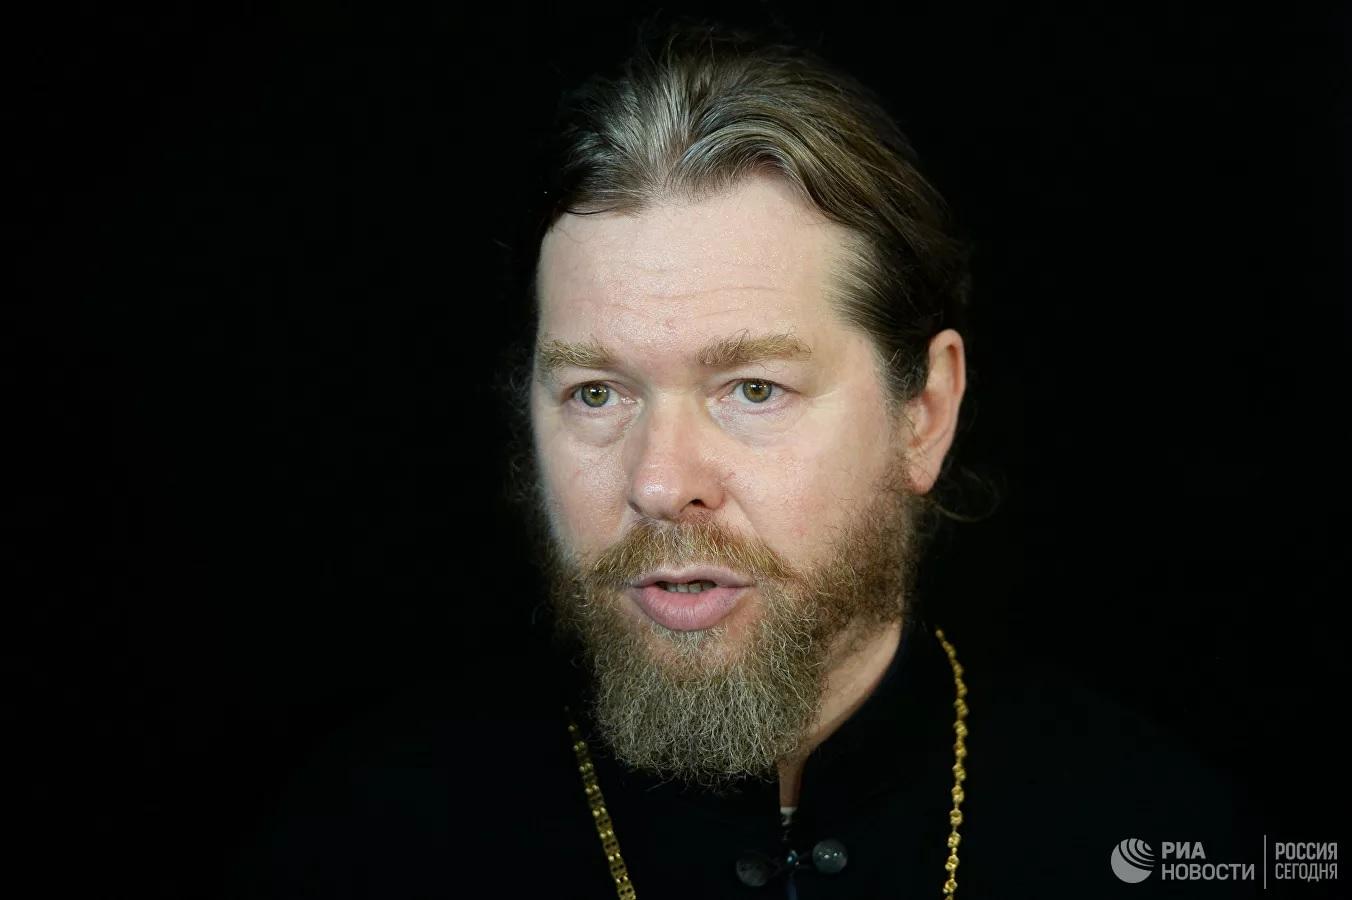 Самая тихая антиалкогольная кампания митрополита Тихона за 10 лет